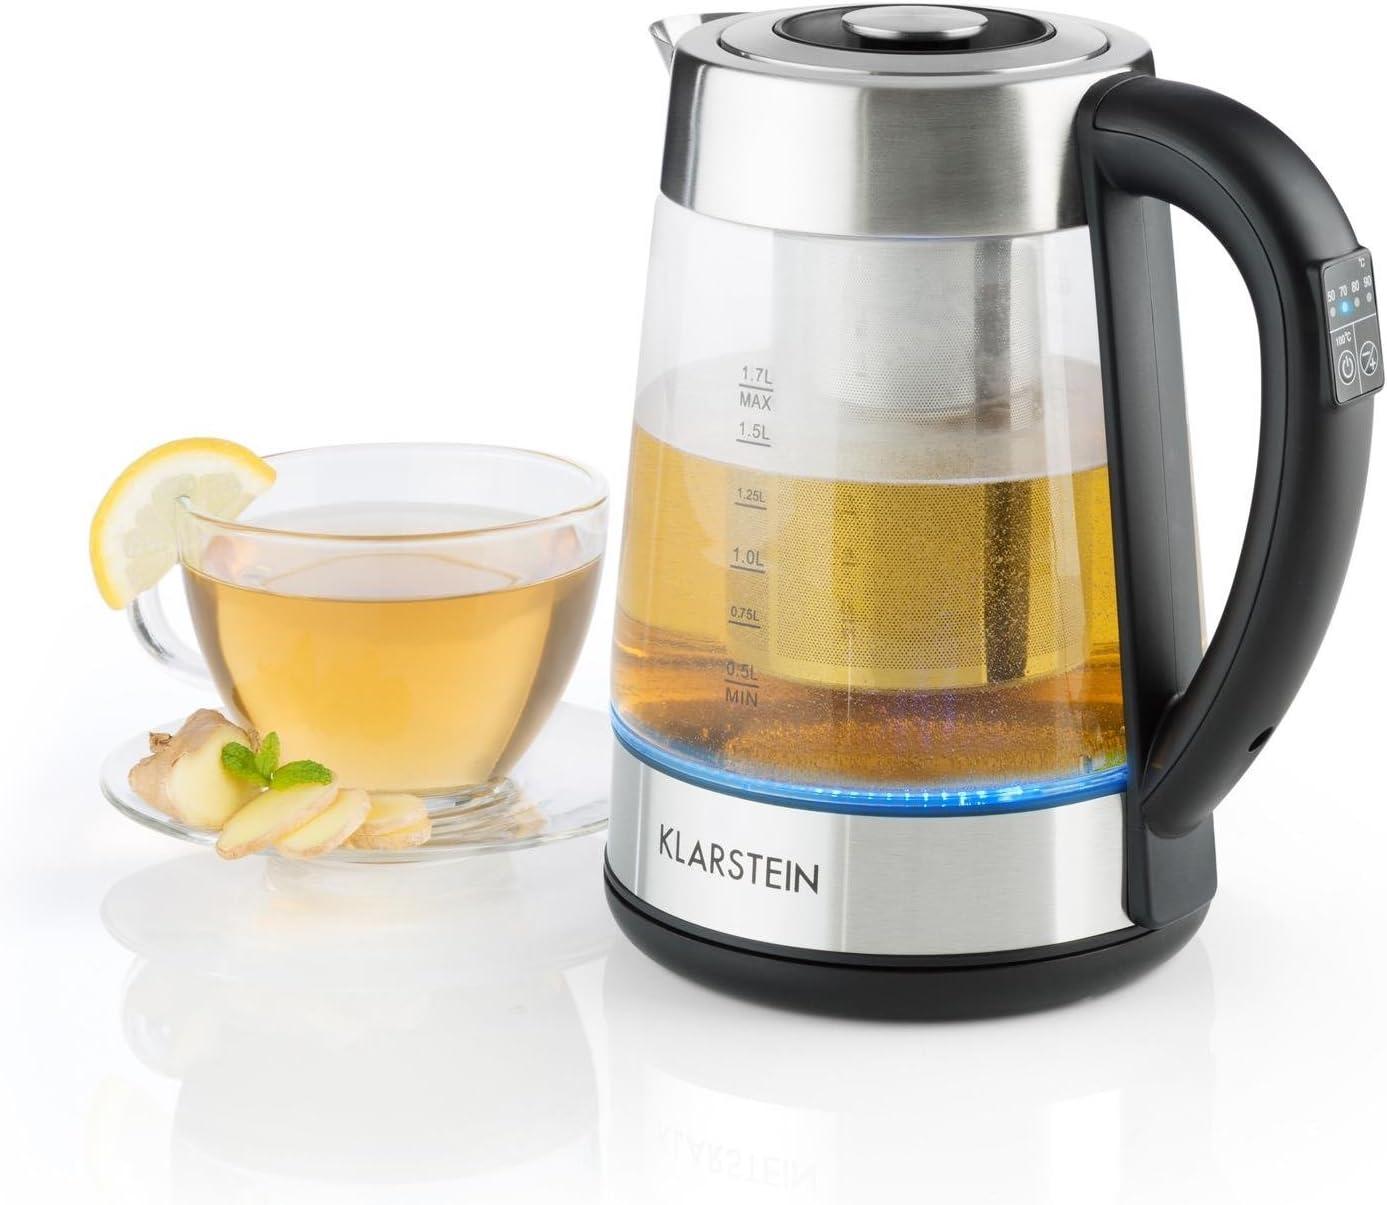 Klarstein Ostfries Hervidor de agua 2 en 1 - Tetera eléctrica, Colador de té, 1,7 litros, 2200 W, Preparación bebidas, Regulable, LED, Acero inoxidable y Cristal